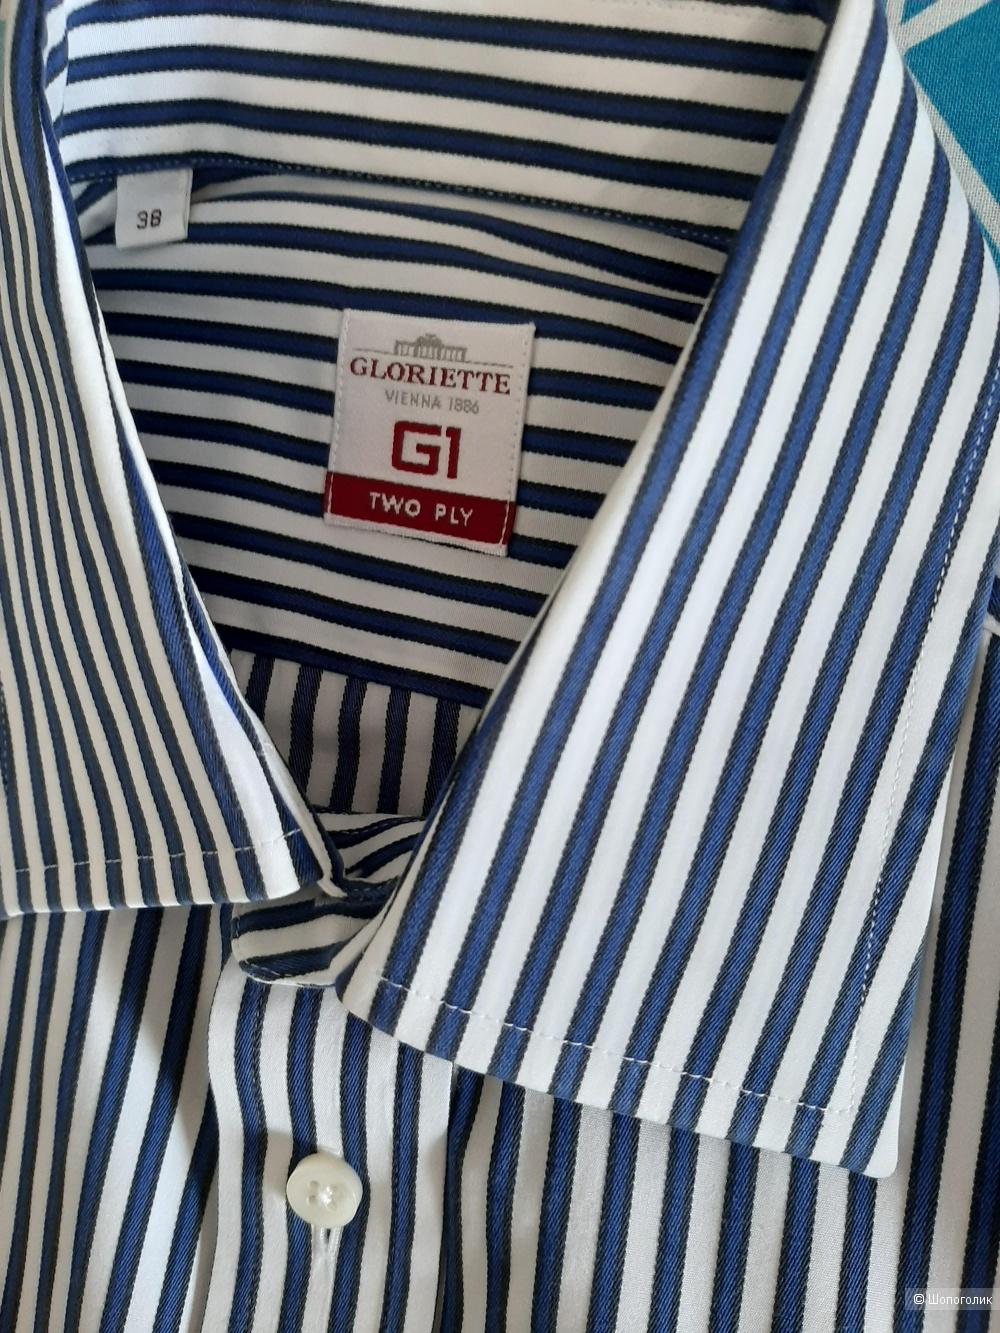 Рубашка Gloriette, размер 38.